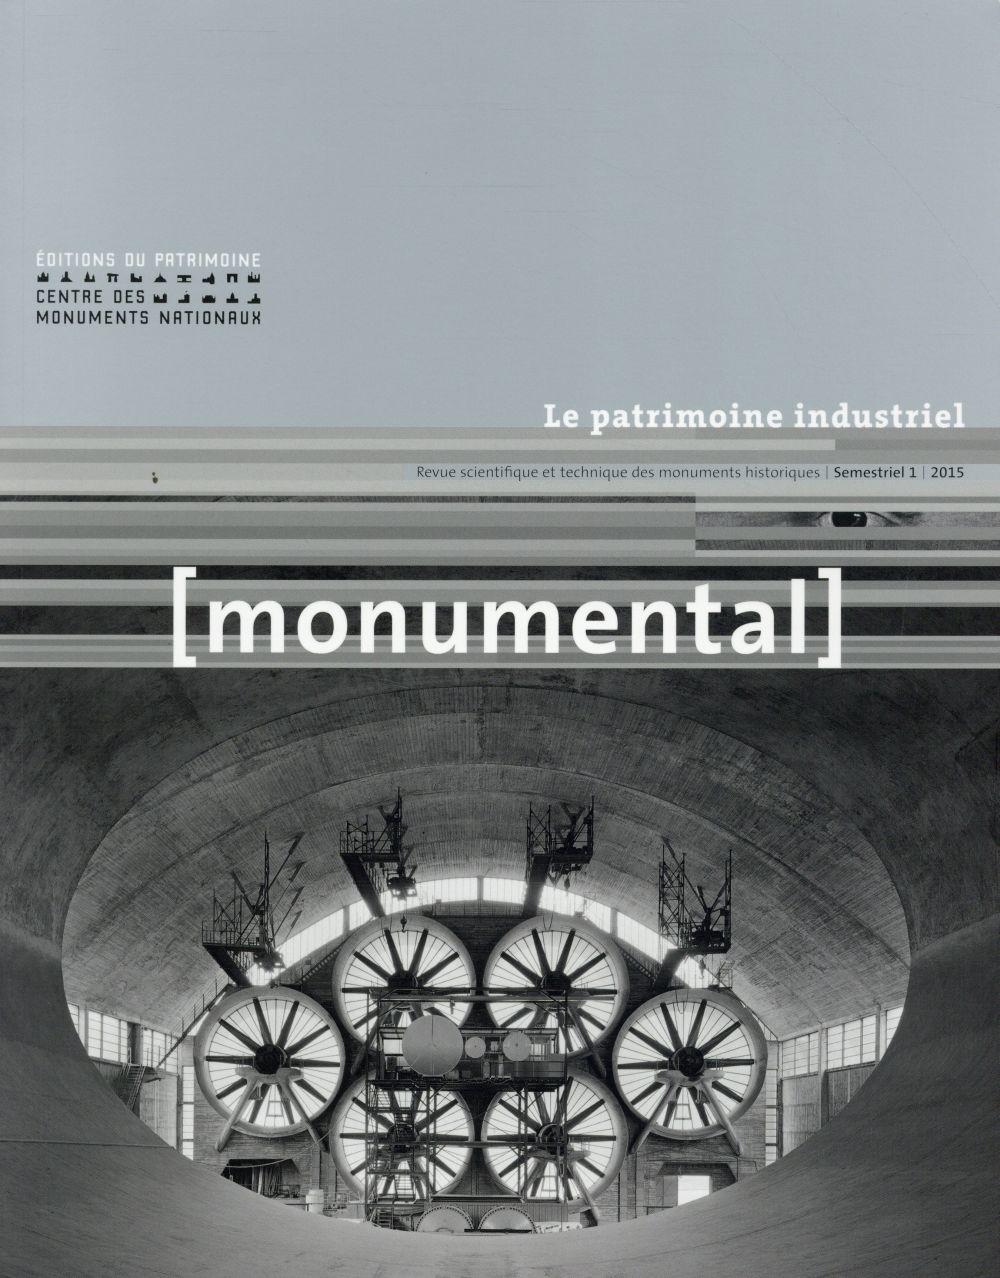 MONUMENTAL n.2015/1 ; le patrimoine industriel